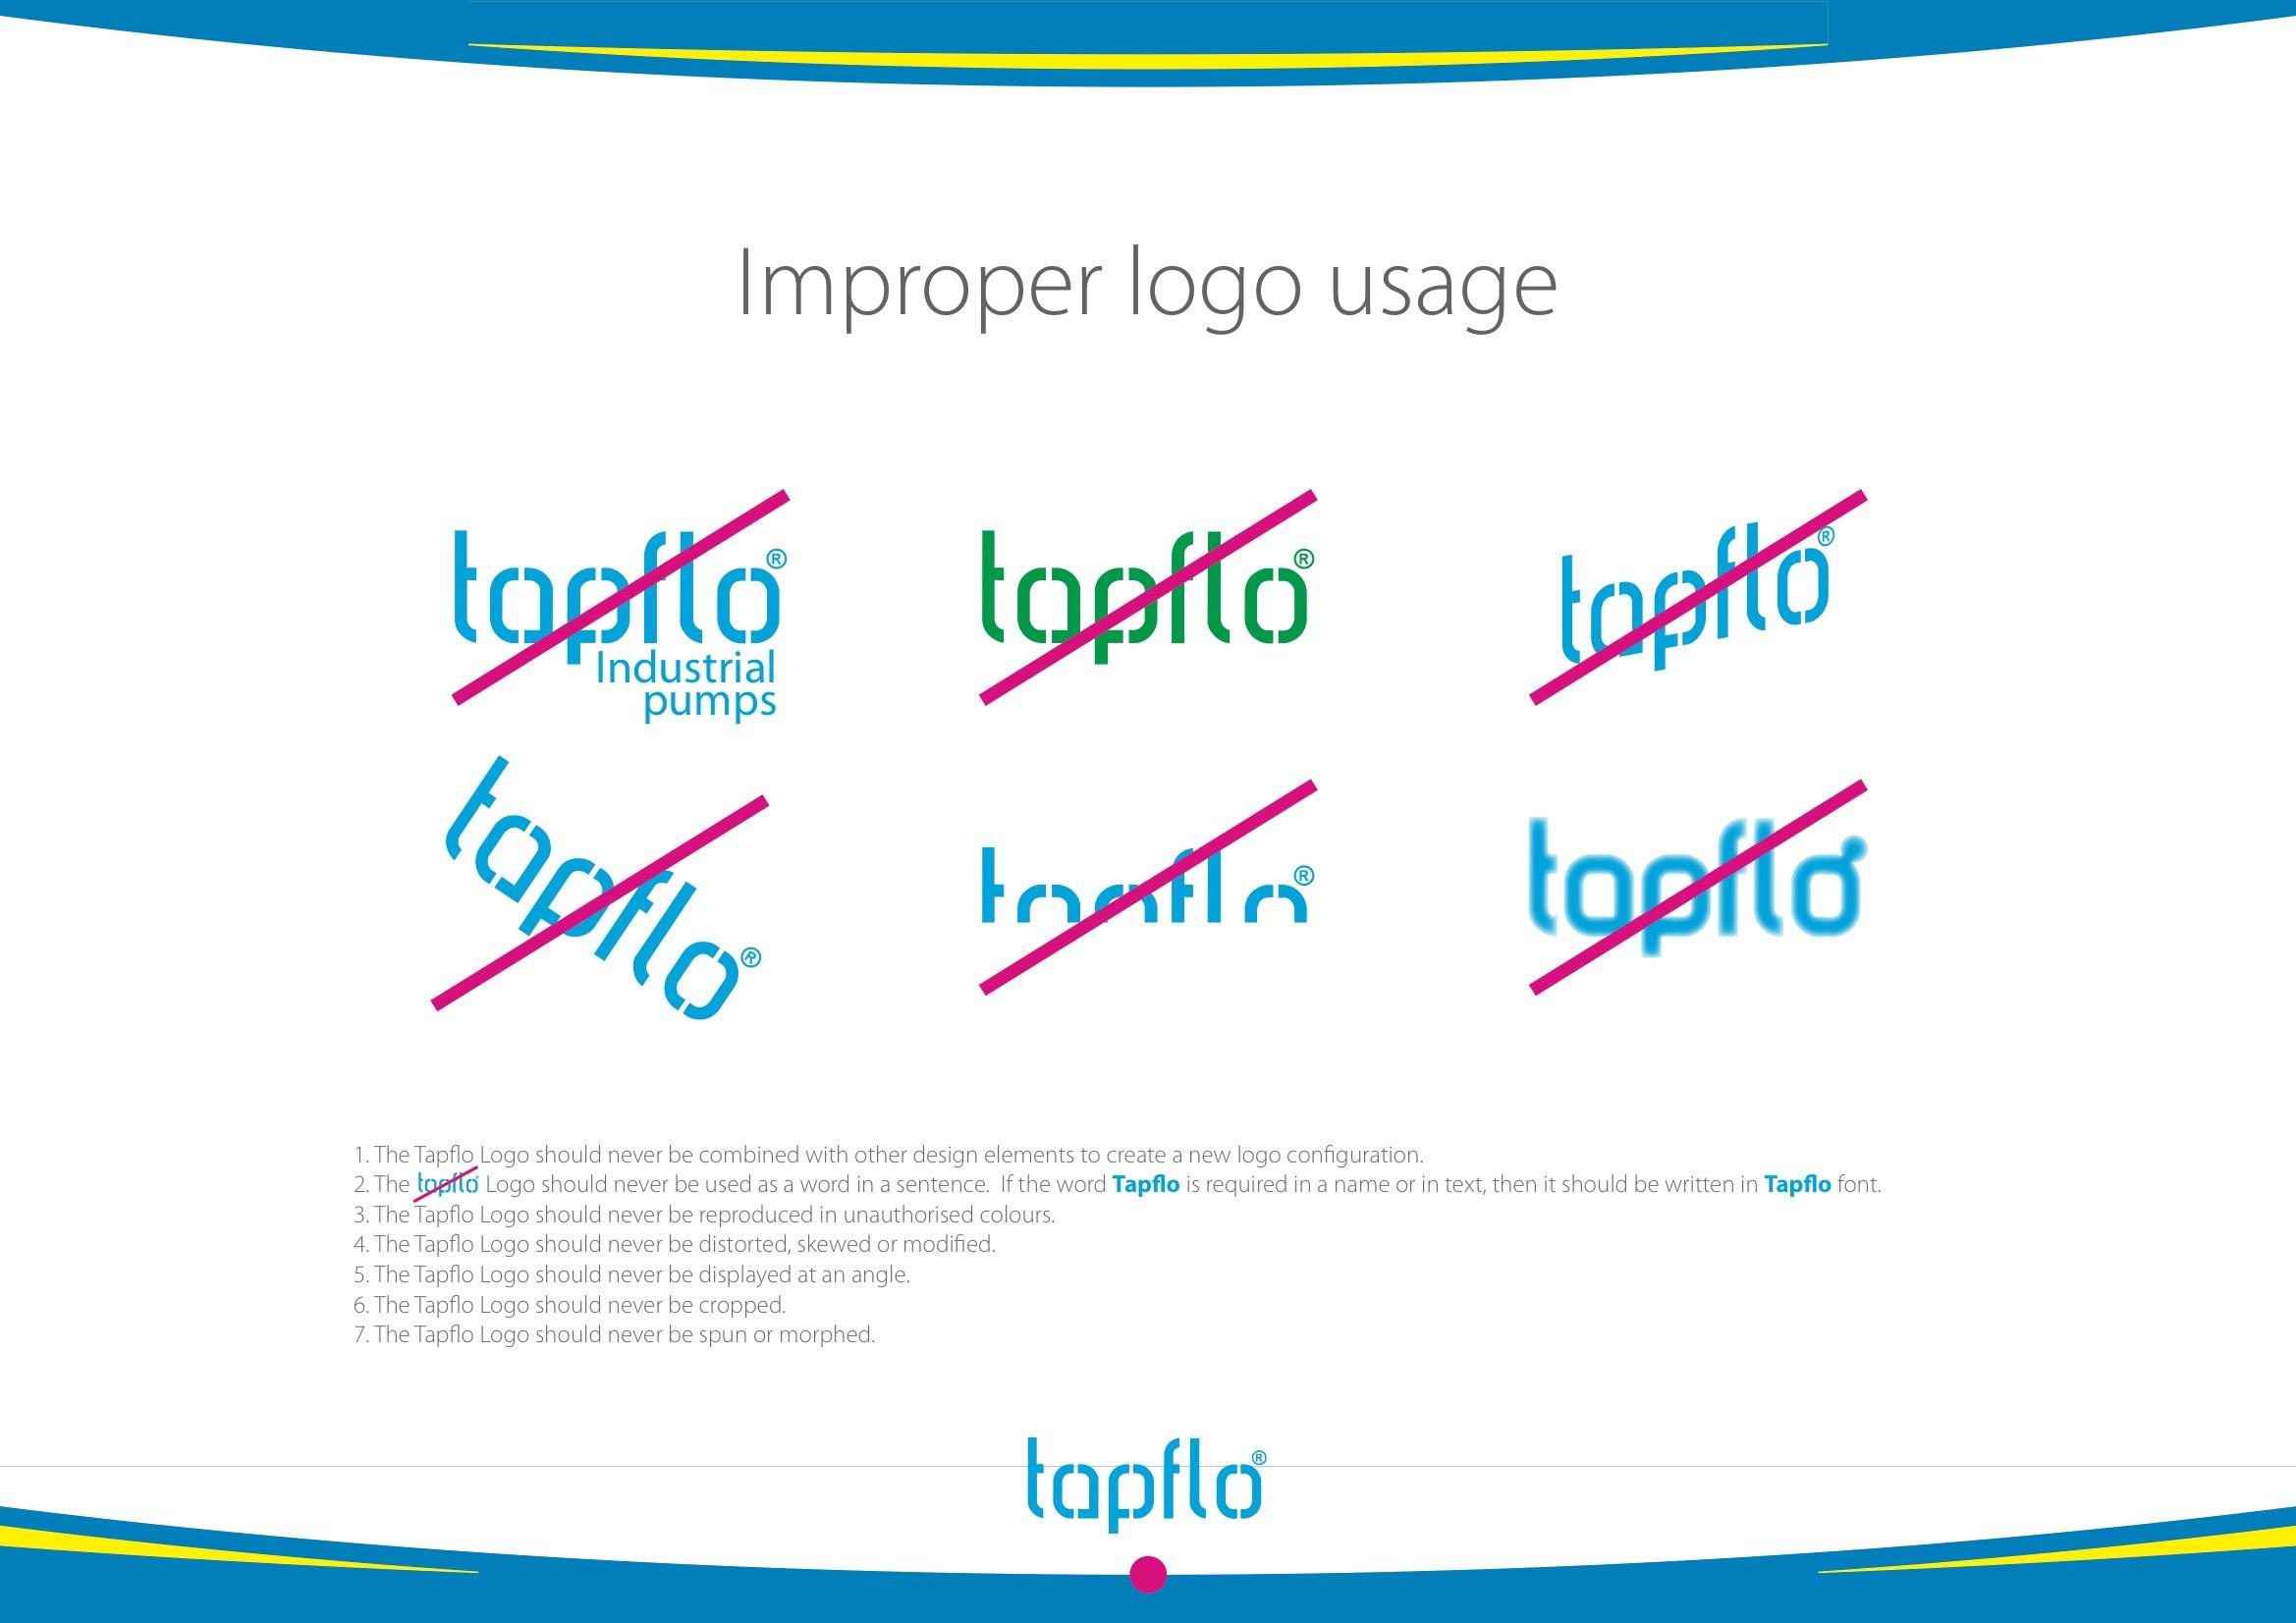 Tapflo_Style_23maijs 6